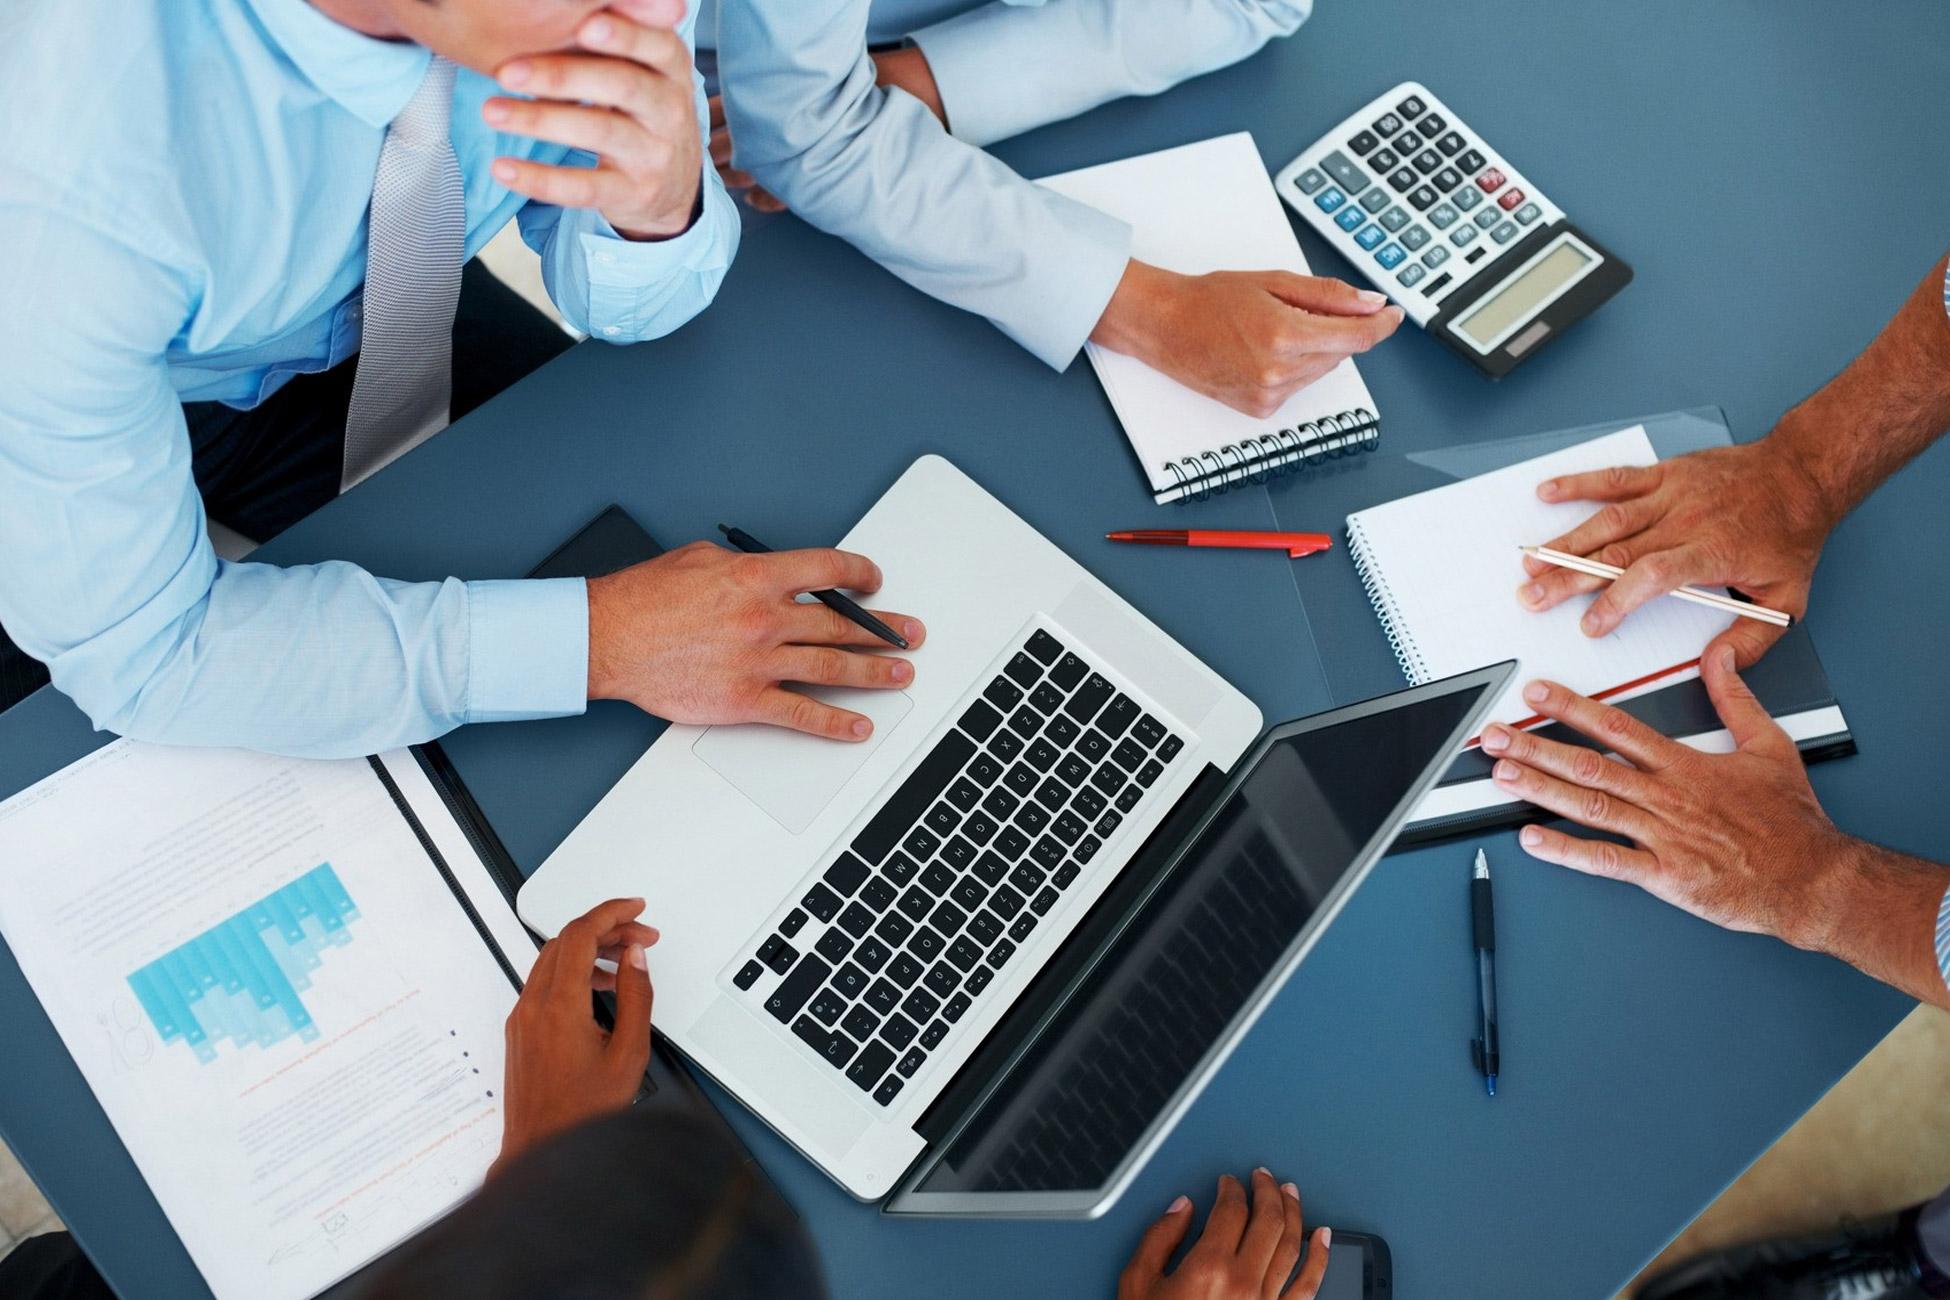 Бухгалтерские услуги иностранные компании помощь производству оказанная студентом бухгалтером дневник